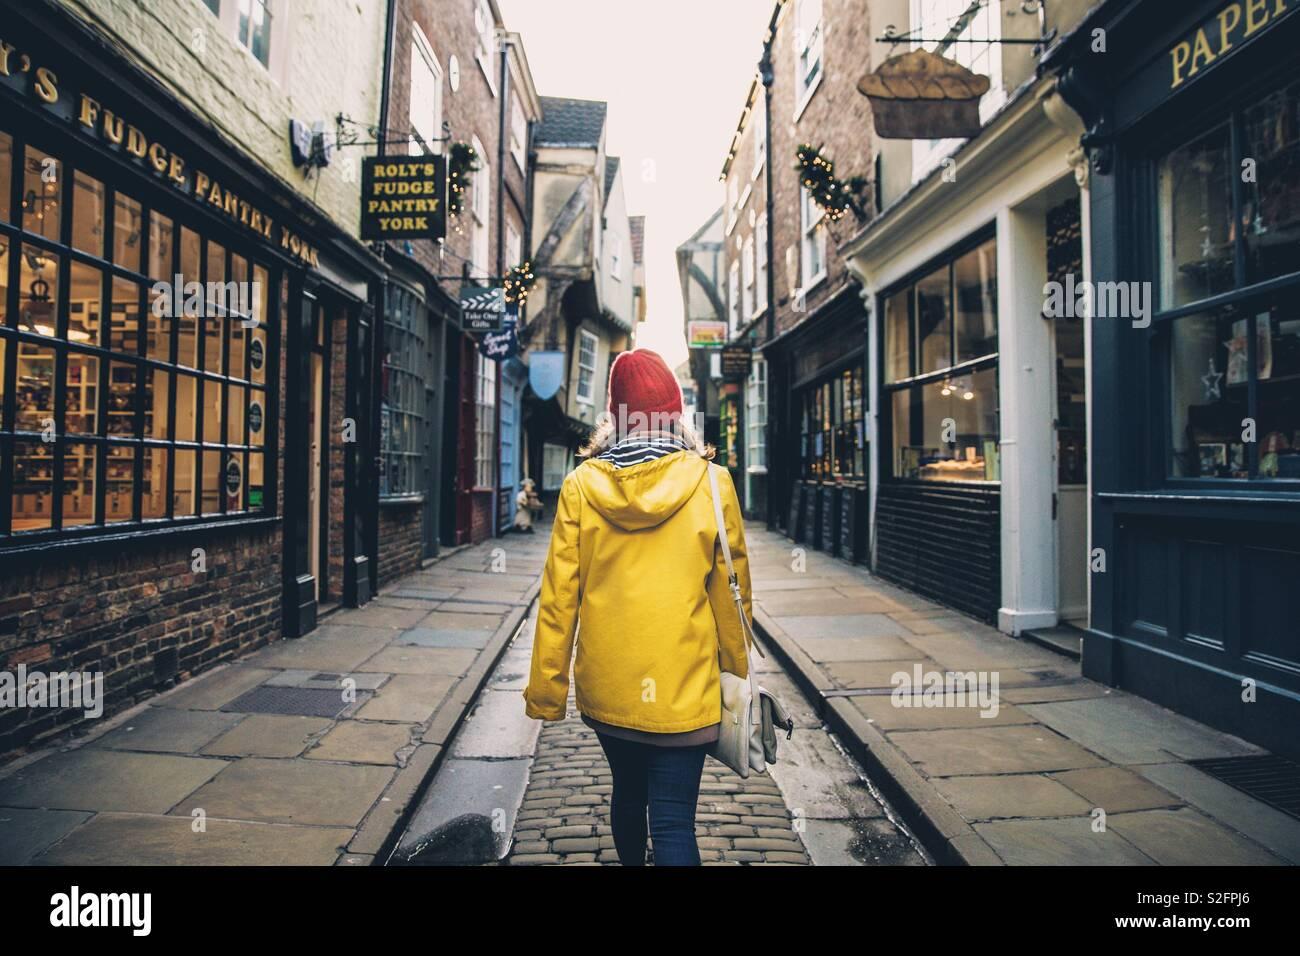 Una vista posteriore di una moda giovane ragazza che indossa un cappotto di colore giallo e a piedi lungo un medievale e la storica via commerciale noto come il caos a York Regno Unito Foto Stock